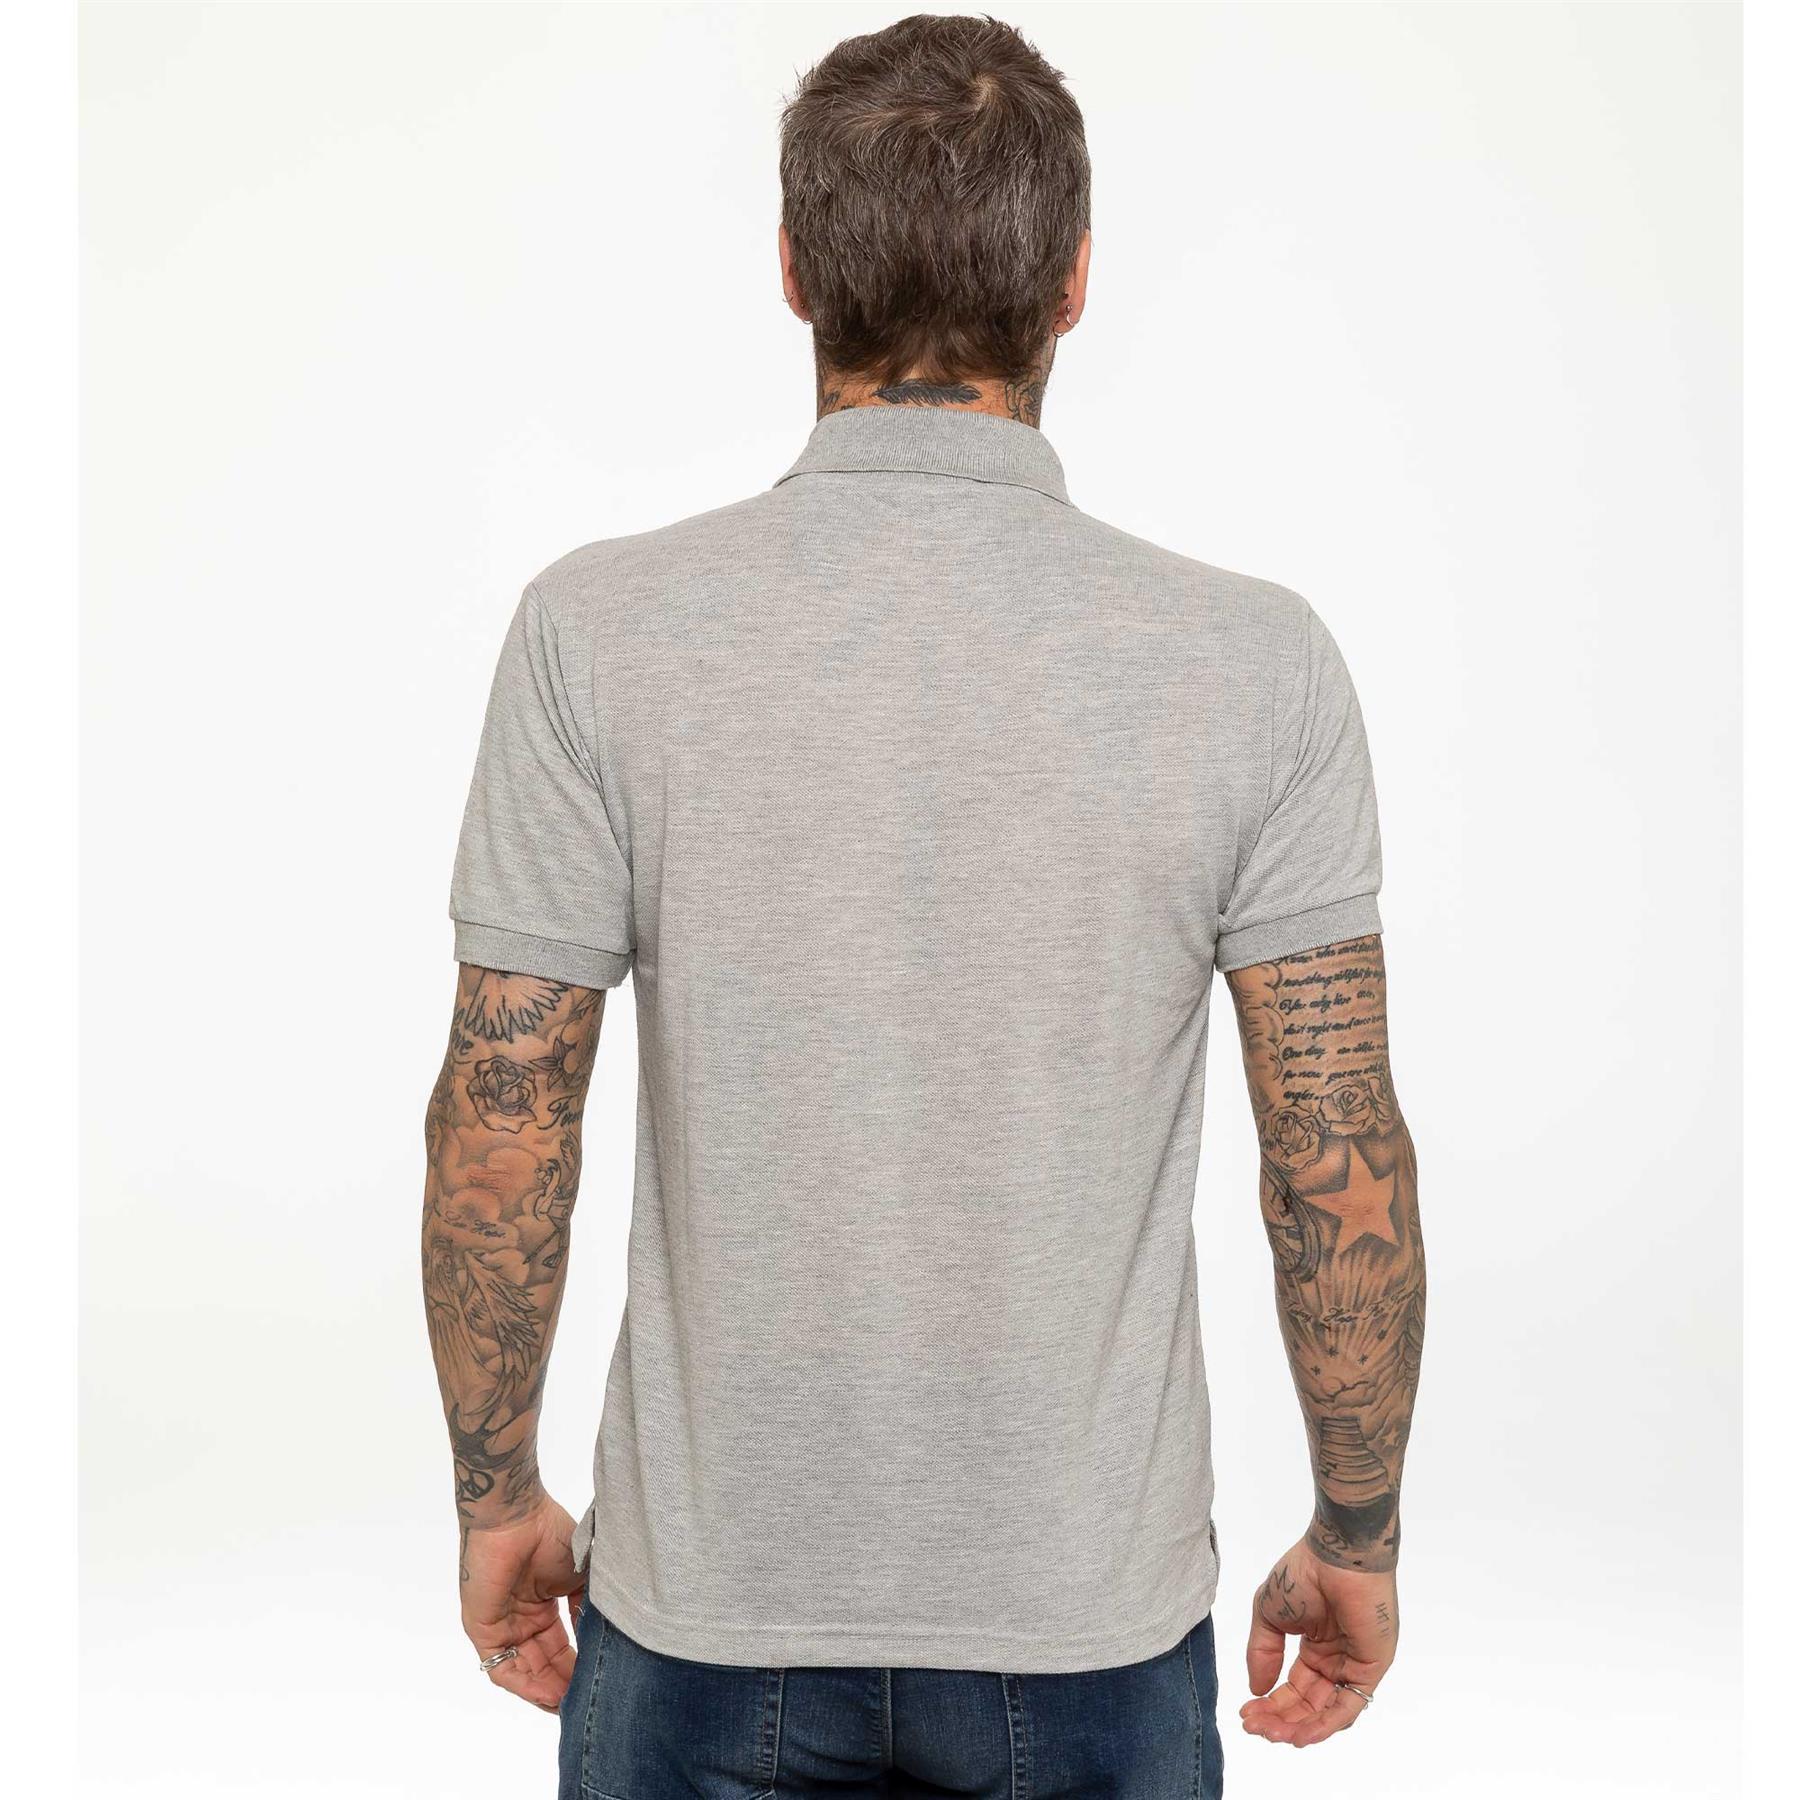 Indexbild 22 - Herren Polohemd Freizeit T-Shirts Neu Schlicht Kurzärmeliges Regular Fit